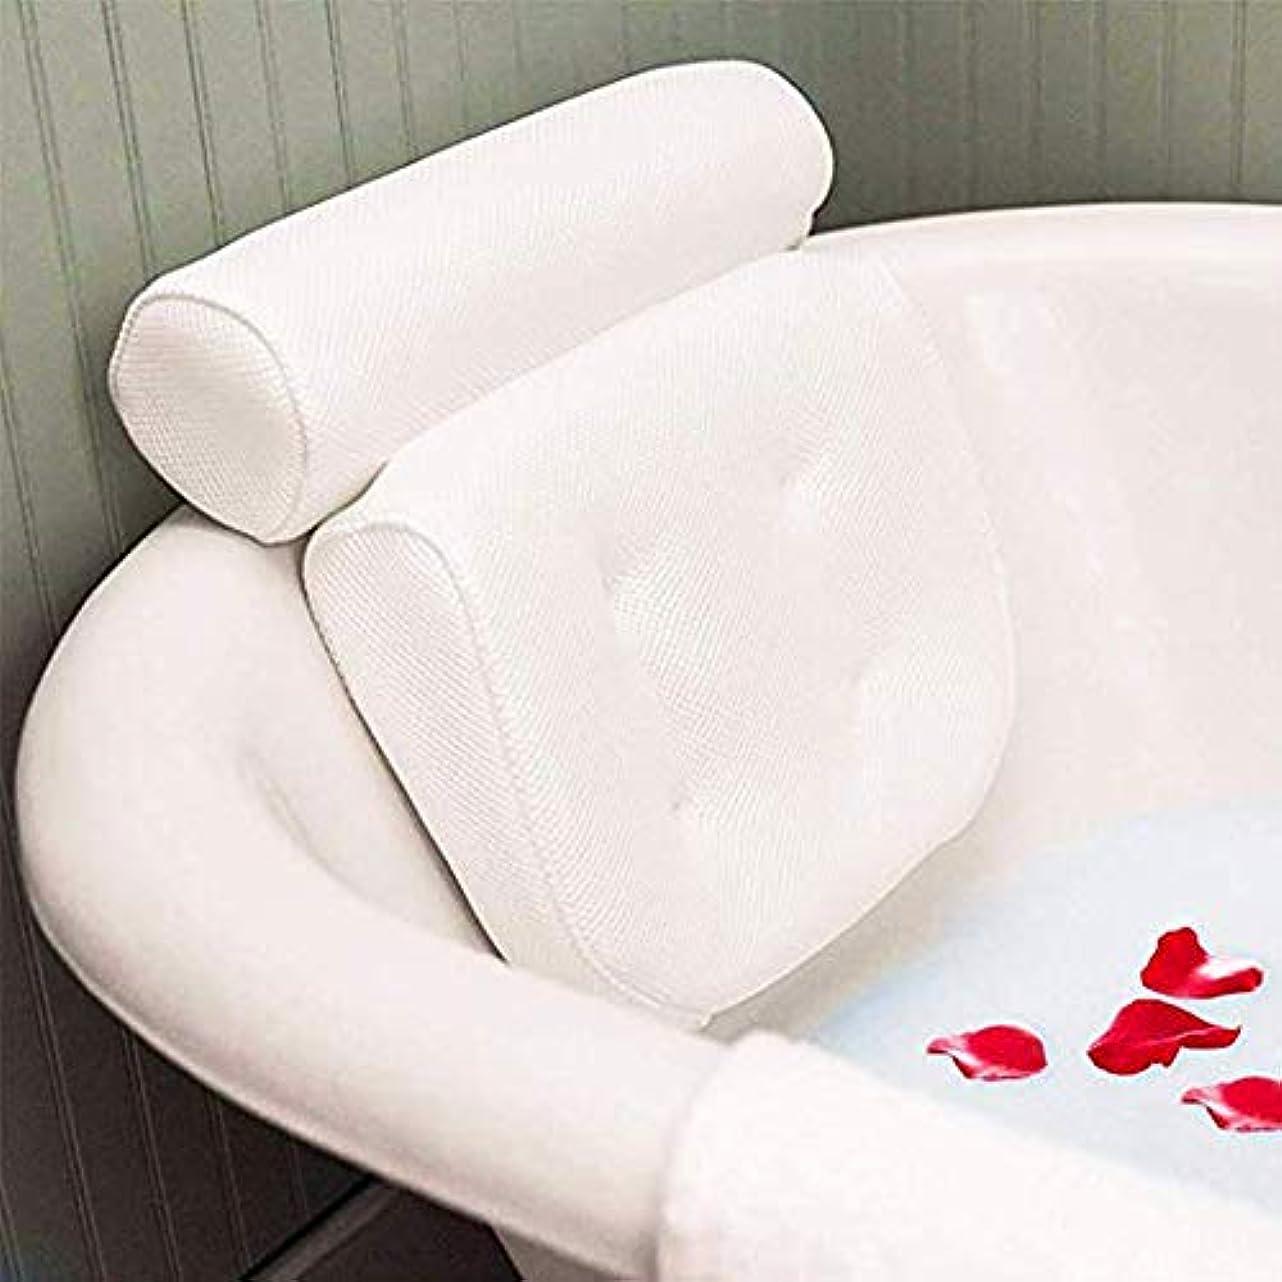 赤カード間欠頭、首、肩と背中のサポートが付いている浴槽スパ枕、滑り止め4大型サクションカップはどんな浴槽にもフィットし、抗菌性です。,White